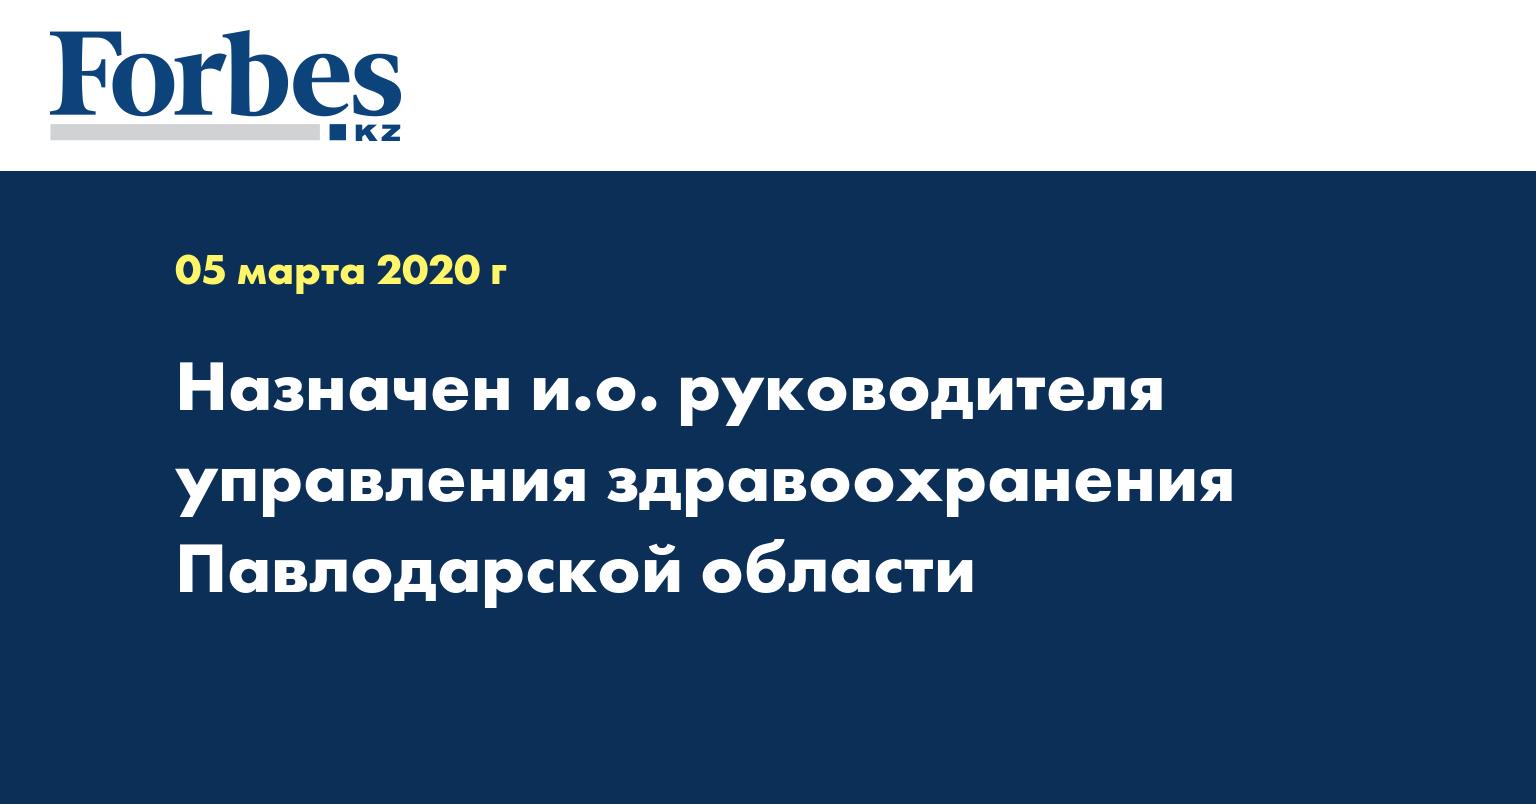 Назначен и.о. руководителя управления здравоохранения Павлодарской области